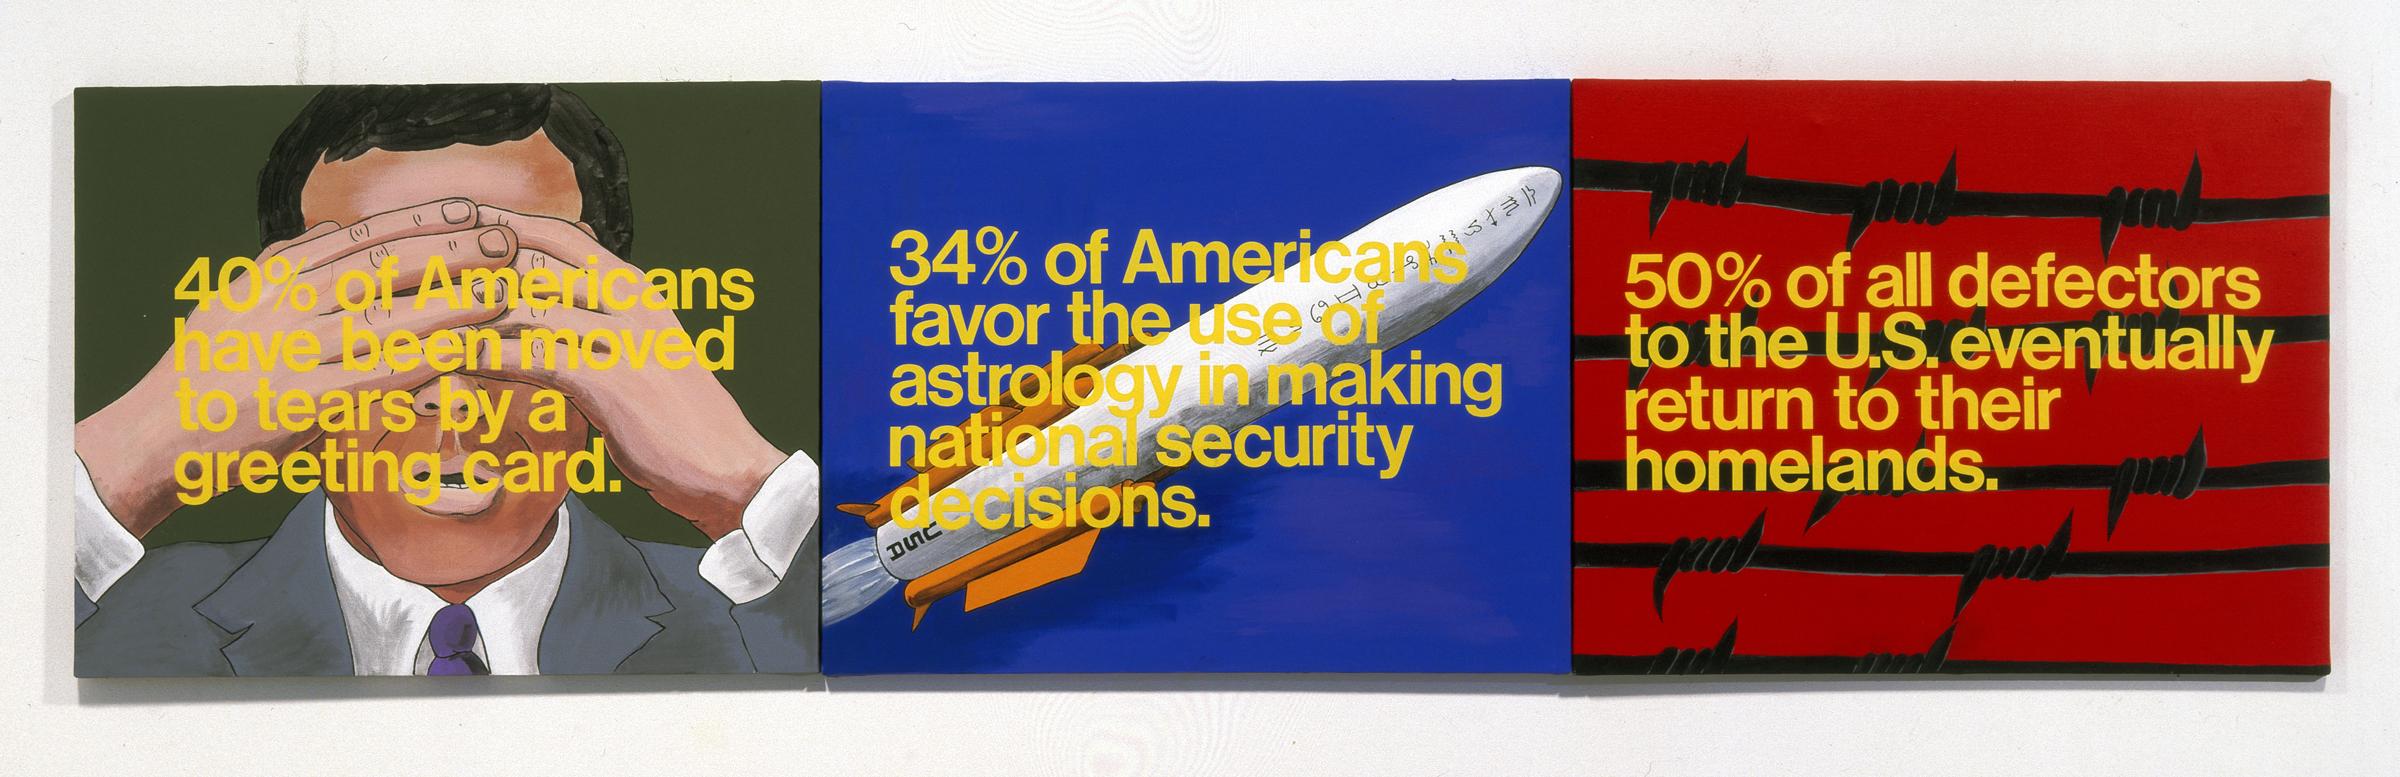 Greetings Astrology Defectors, 1989